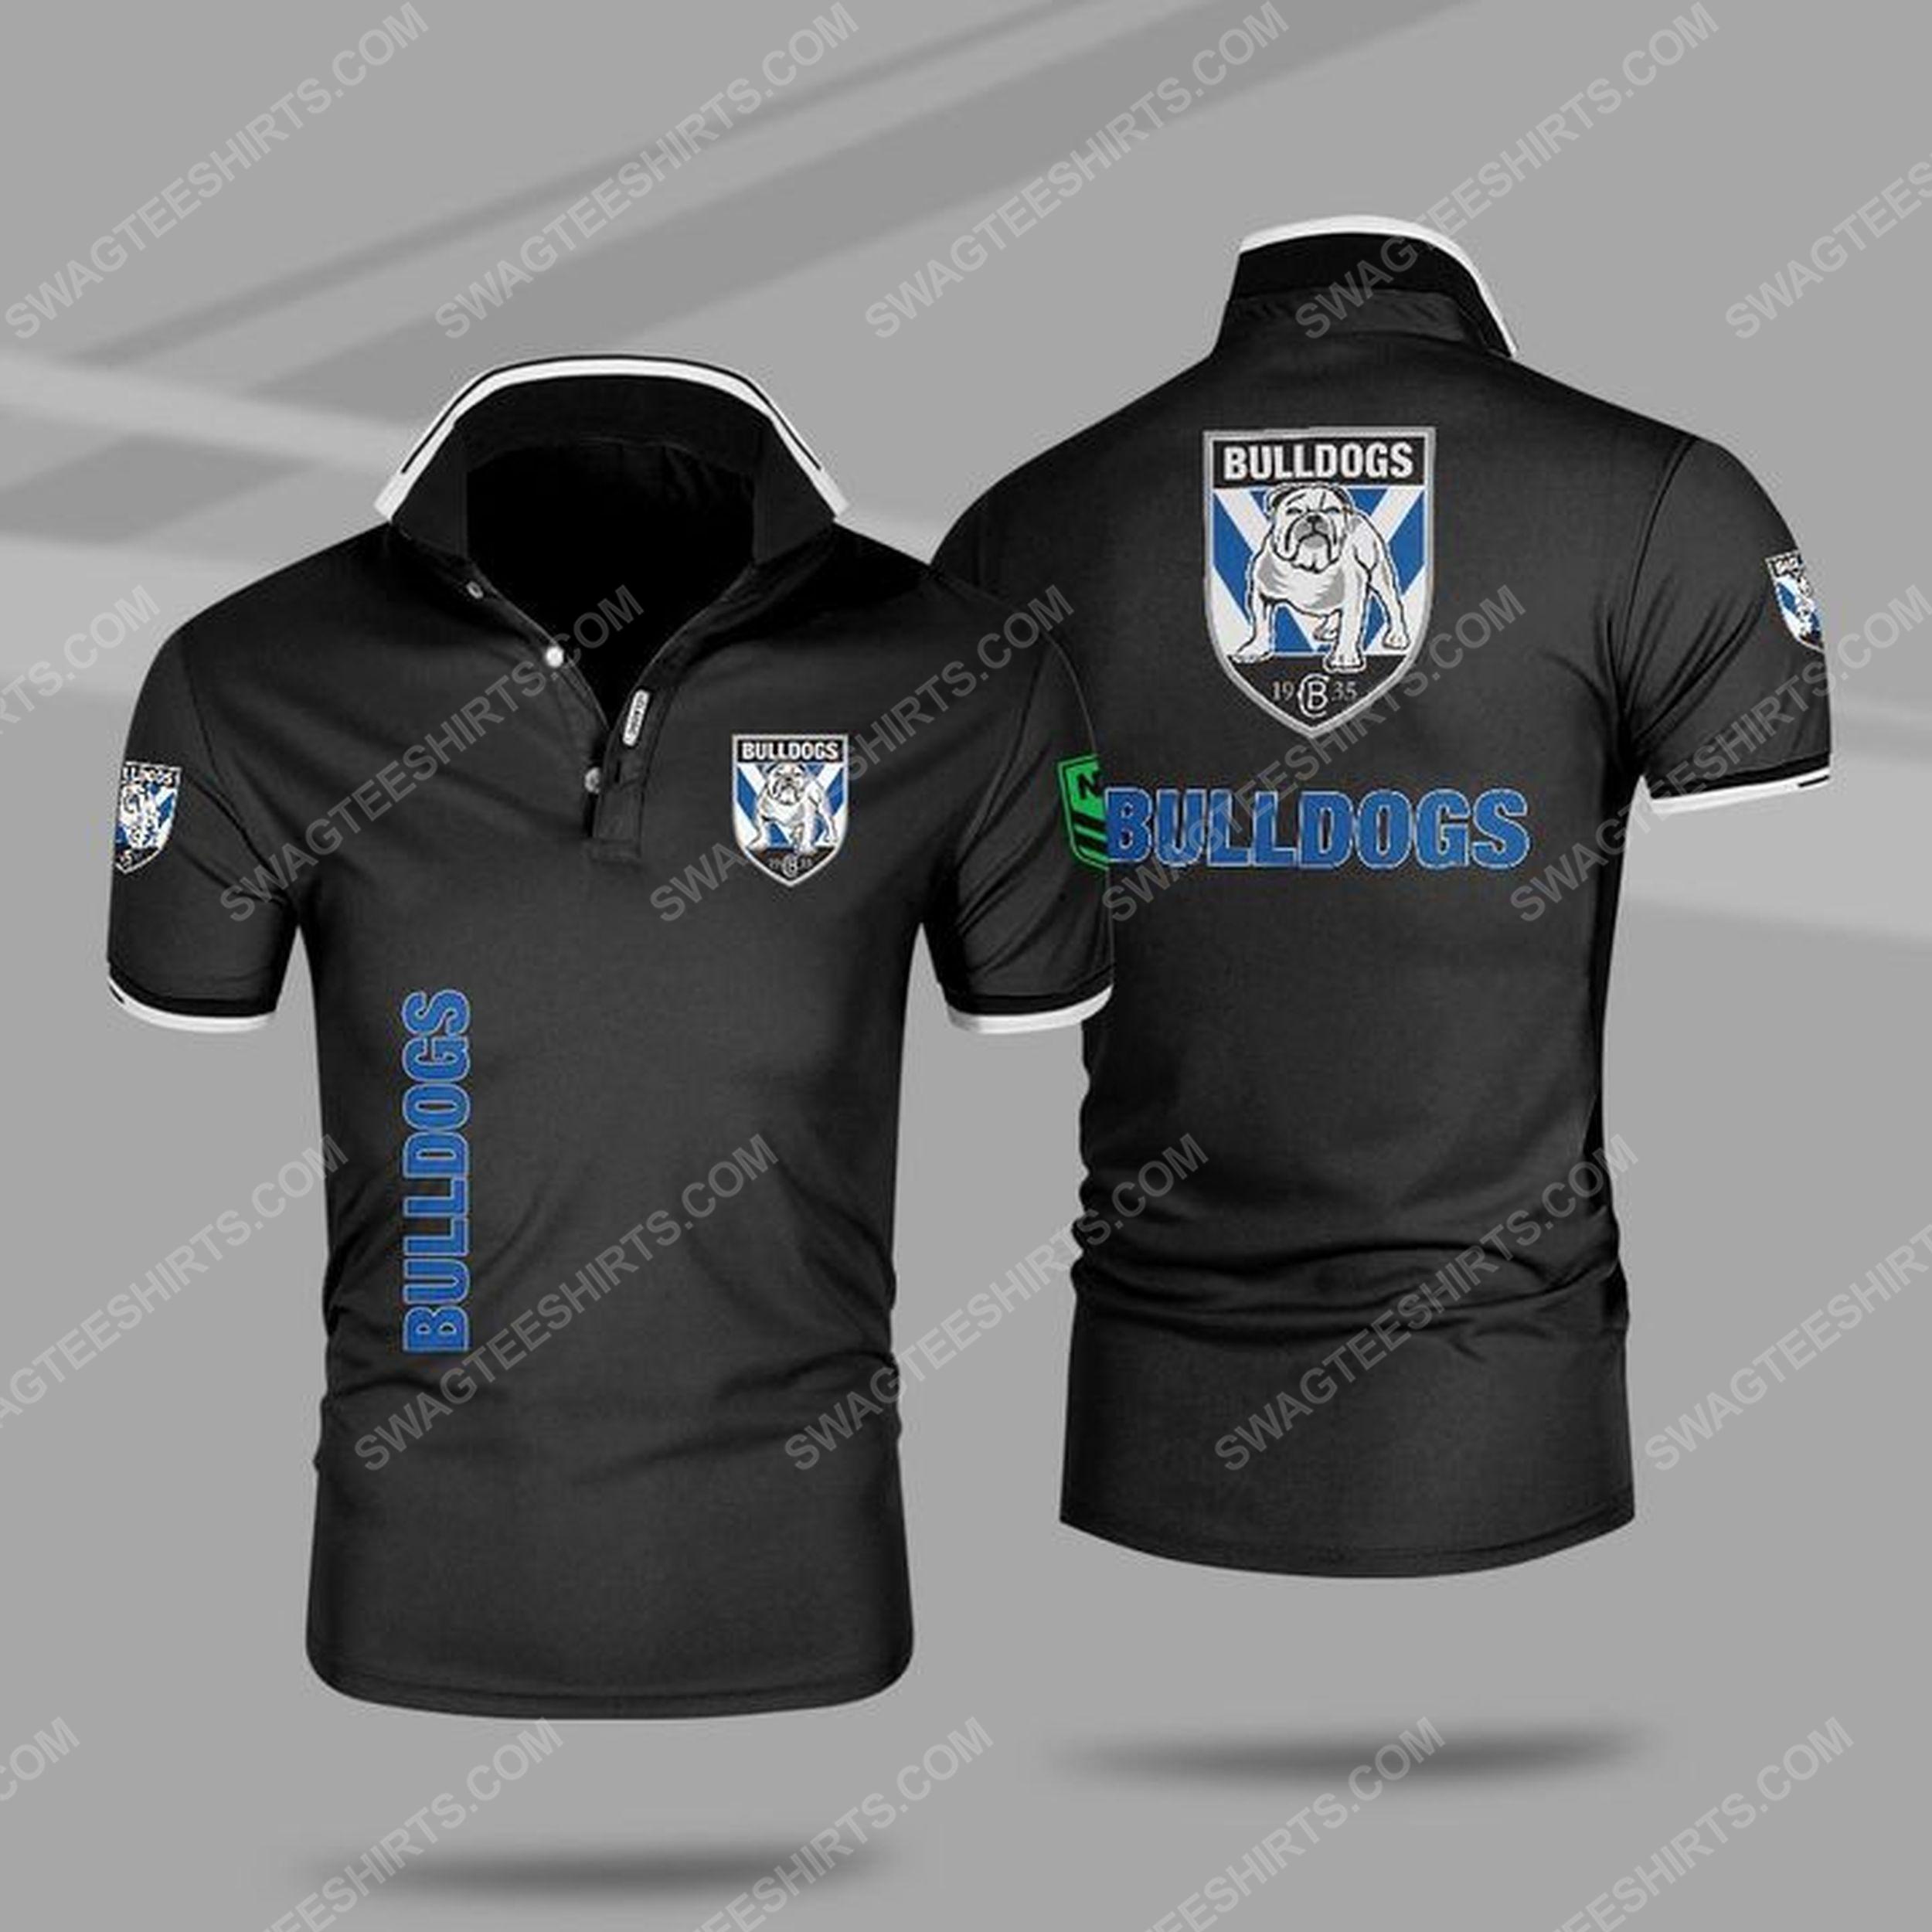 Canterbury-bankstown bulldogs all over print polo shirt - black 1